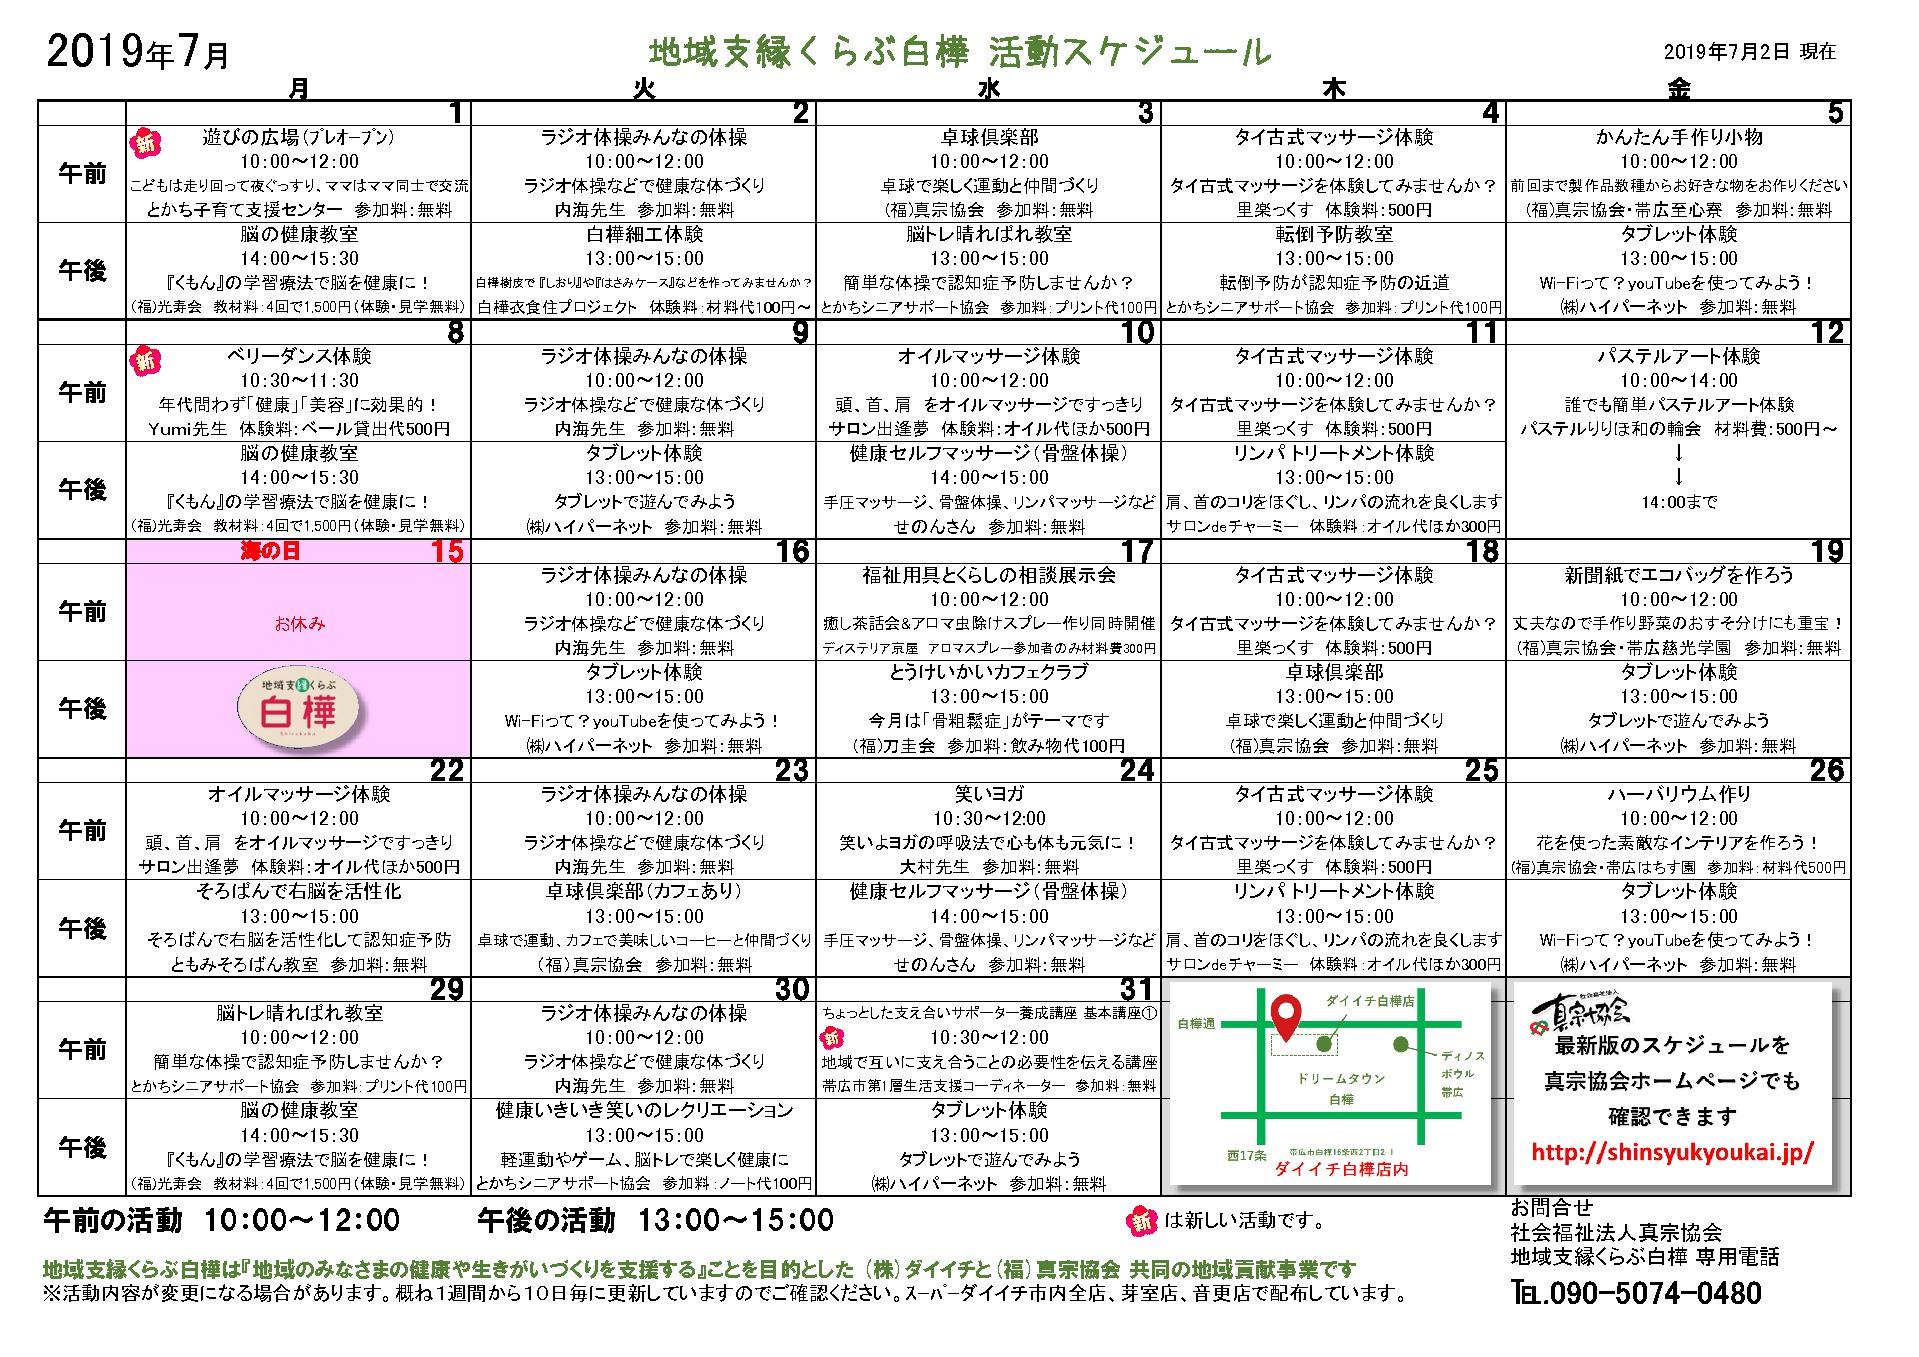 2019活動スケジュール7(2019.7.2付)のサムネイル